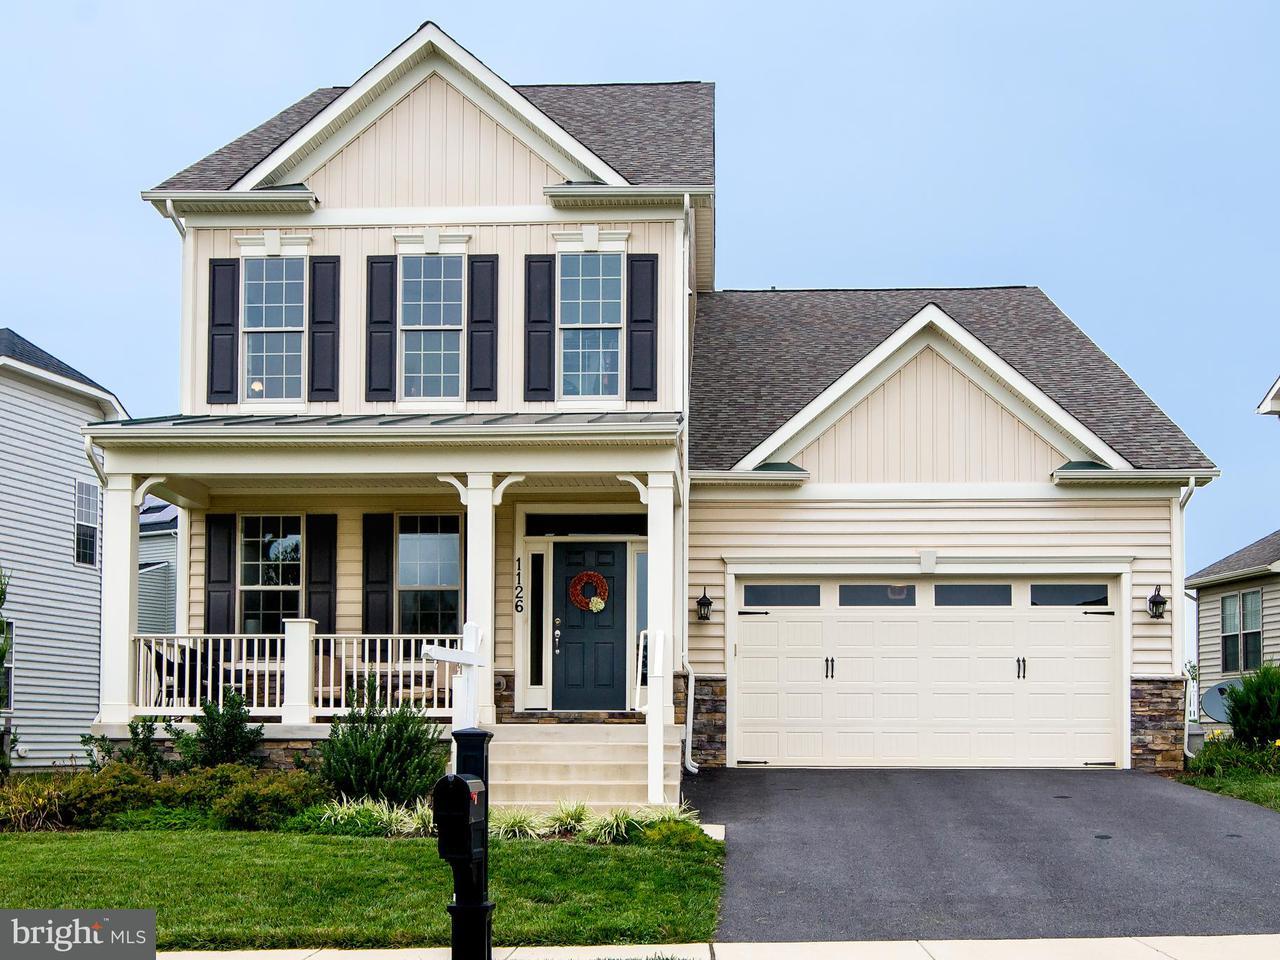 Einfamilienhaus für Verkauf beim 1126 DARGON QUARRY Lane 1126 DARGON QUARRY Lane Brunswick, Maryland 21716 Vereinigte Staaten